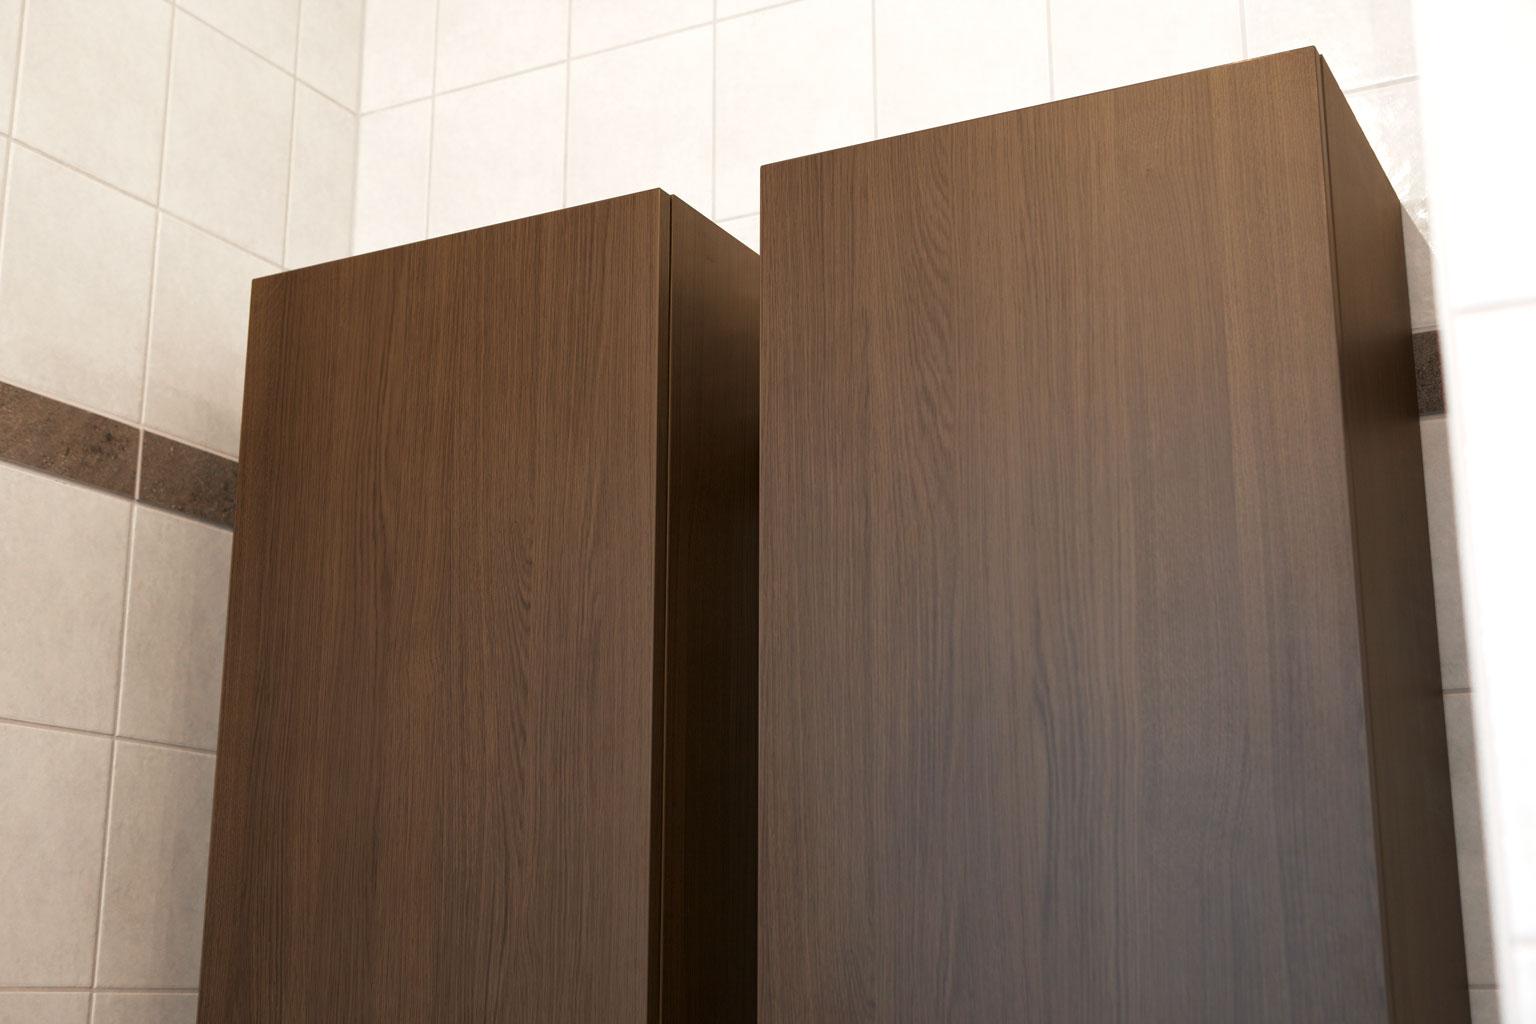 Schreinerei Braun badmöbel 885 schreinerei steinberger bubach möbelschreiner